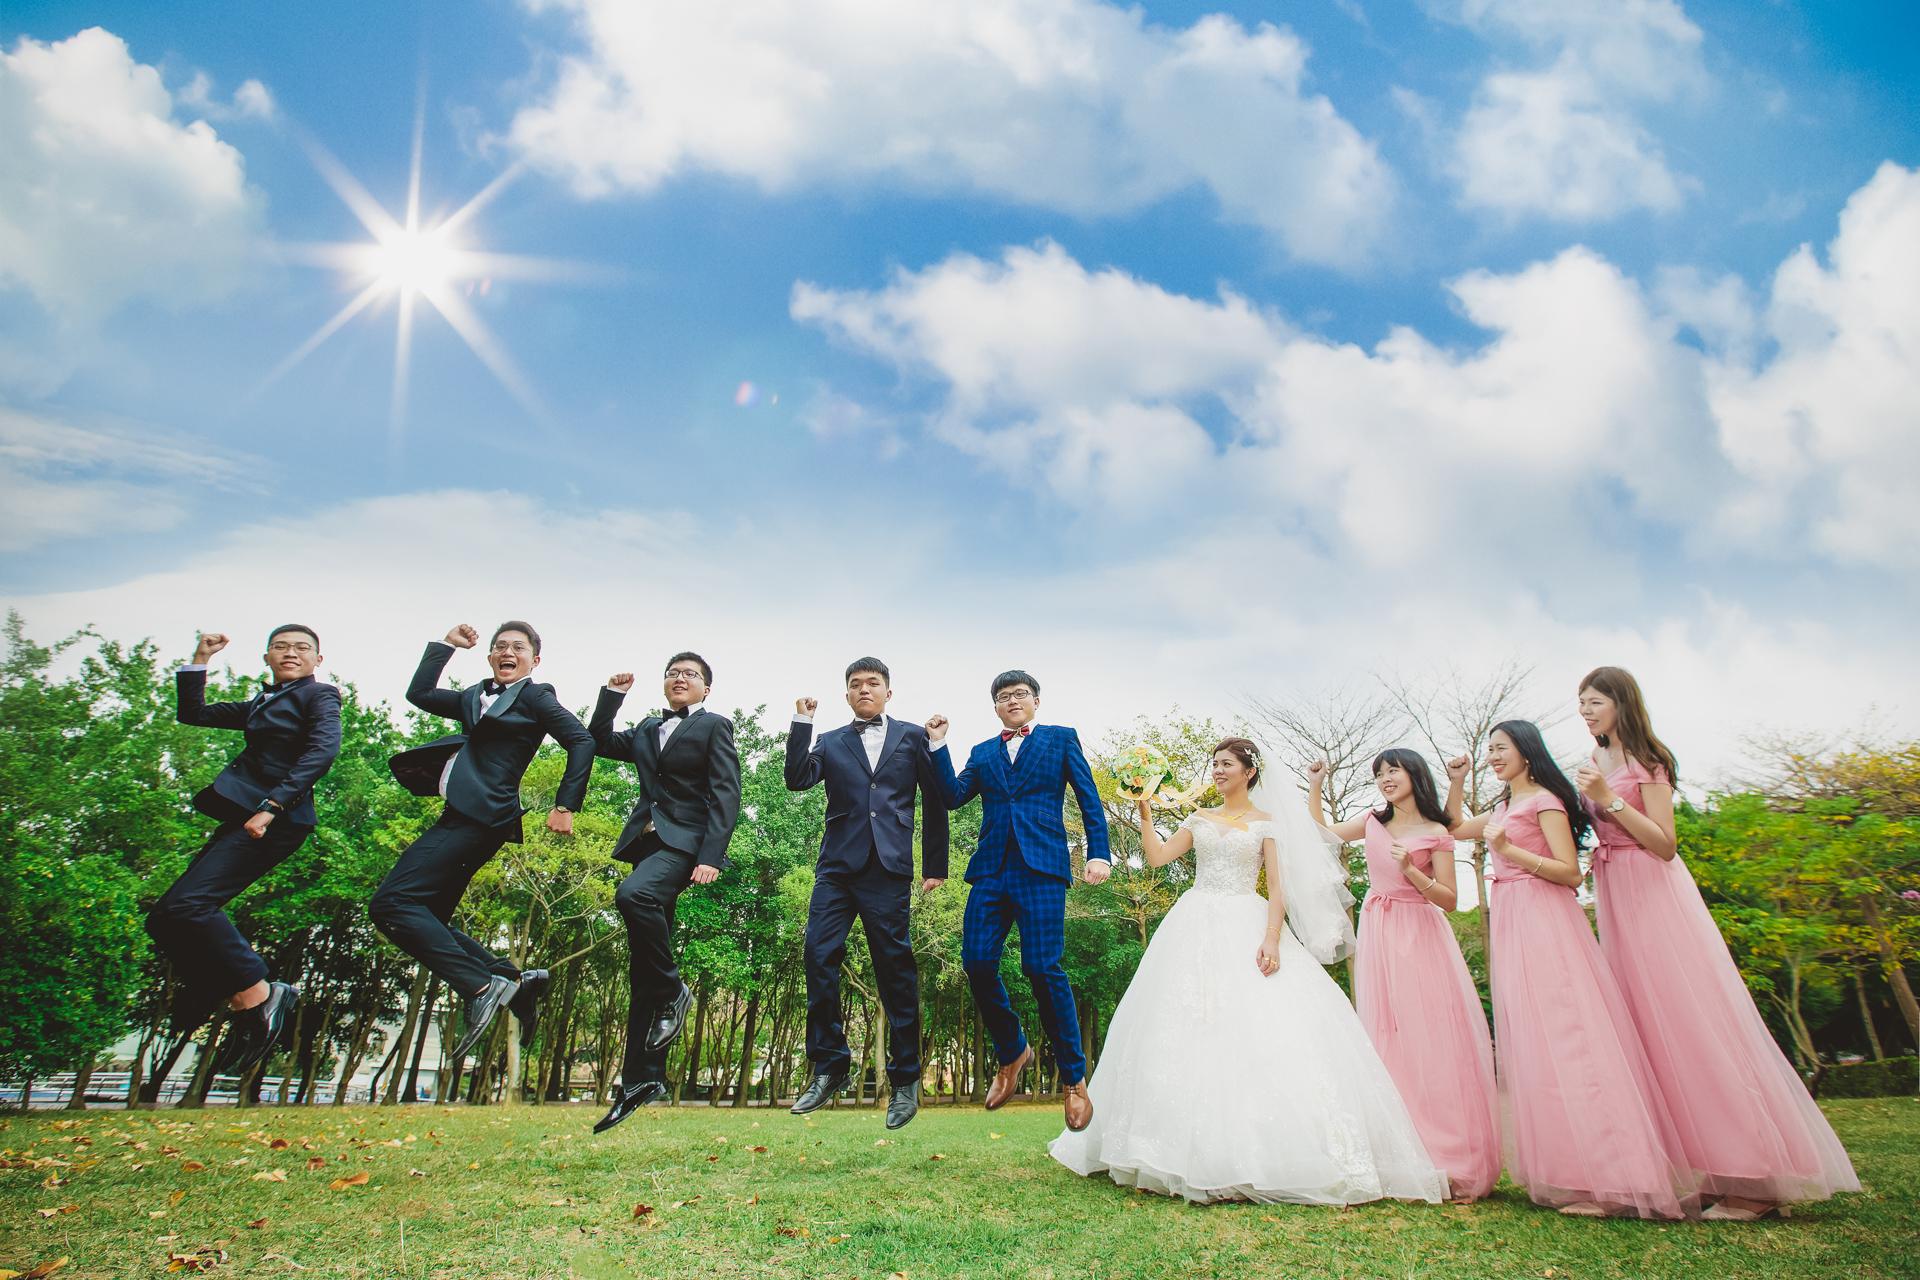 台中婚攝,婚禮攝影,婚攝,臻愛婚宴會館,台中豐原臻愛婚宴會館